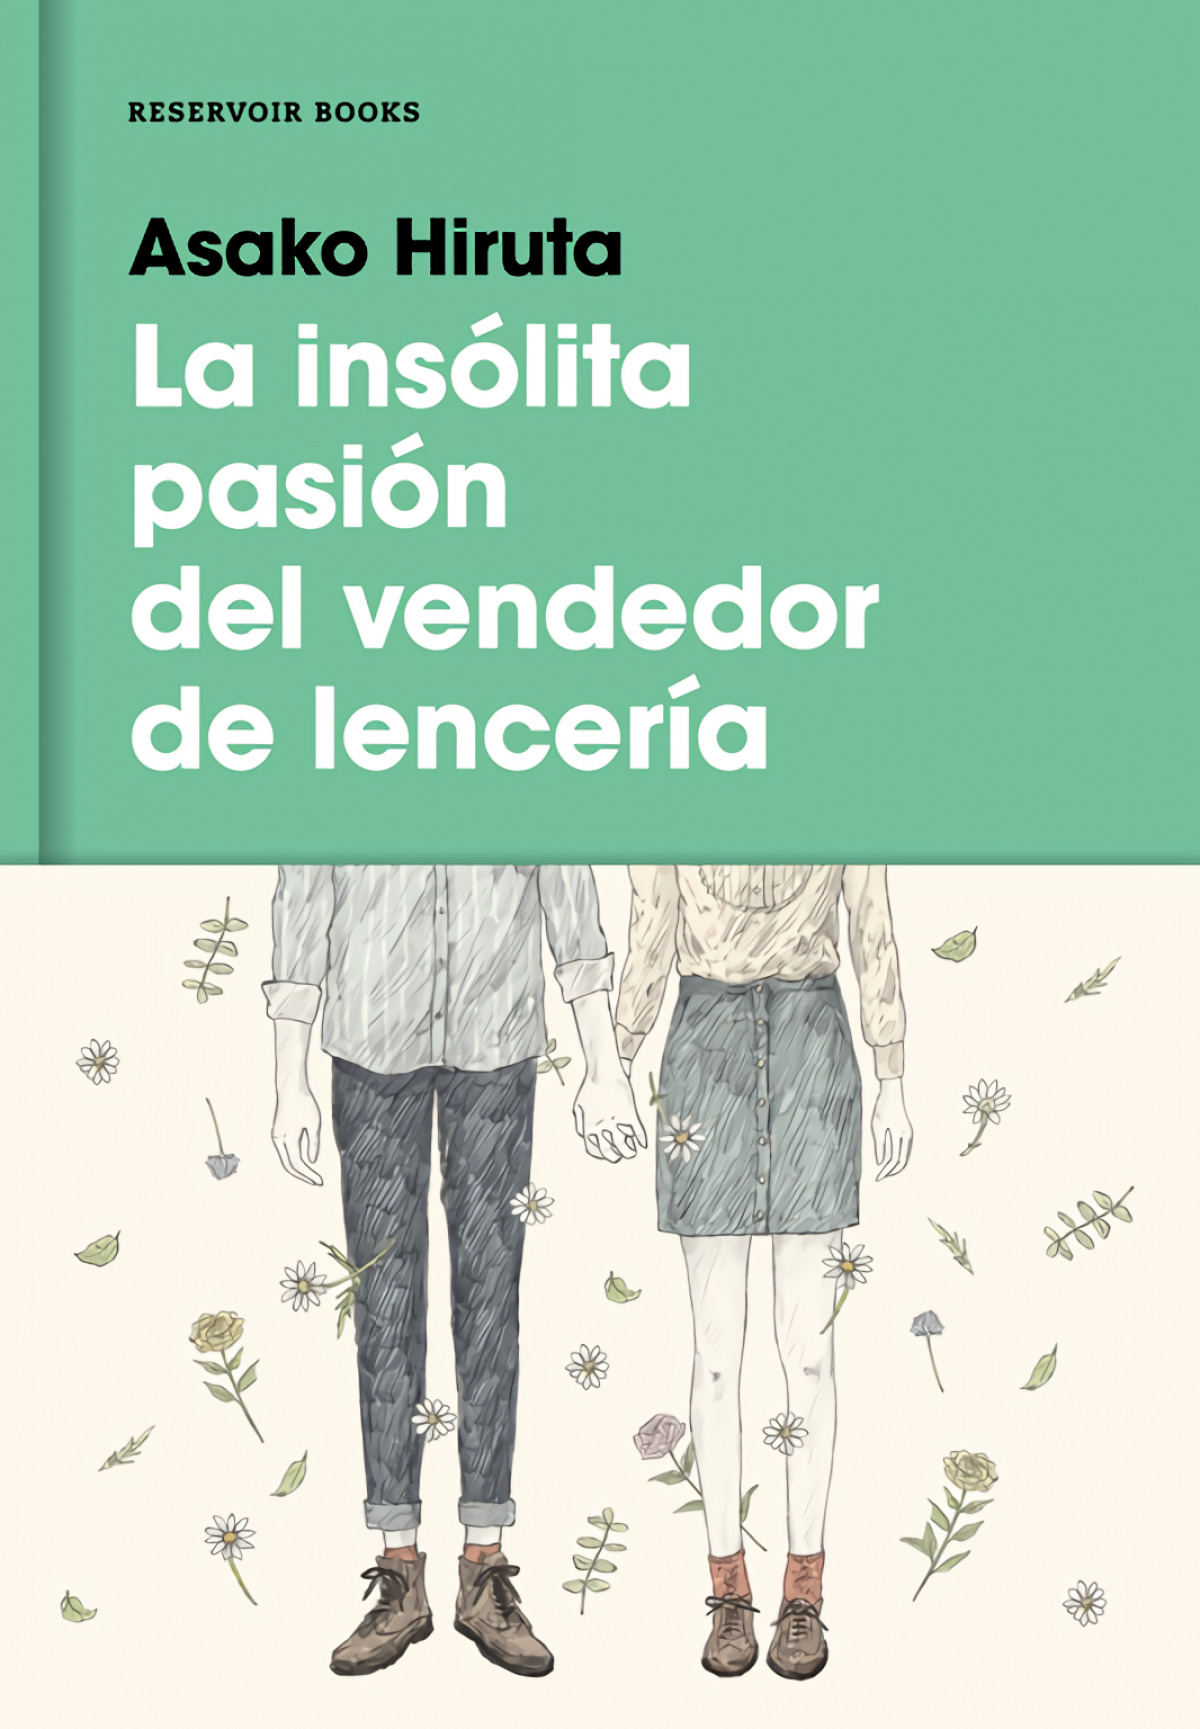 LA INSóLITA PASIóN DEL VENDEDOR DE LENCER¡A 9788416195879